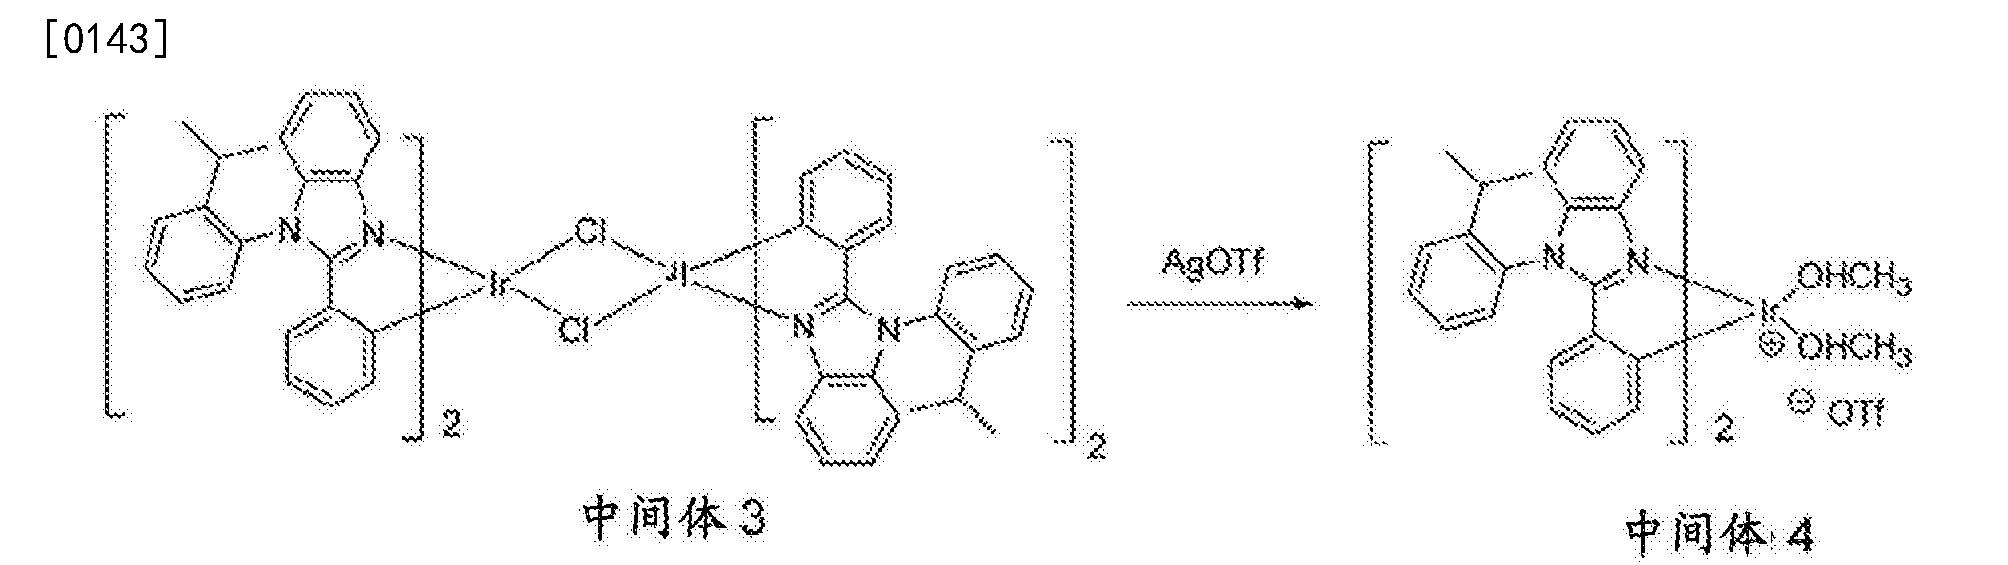 Figure CN103396455BD00512